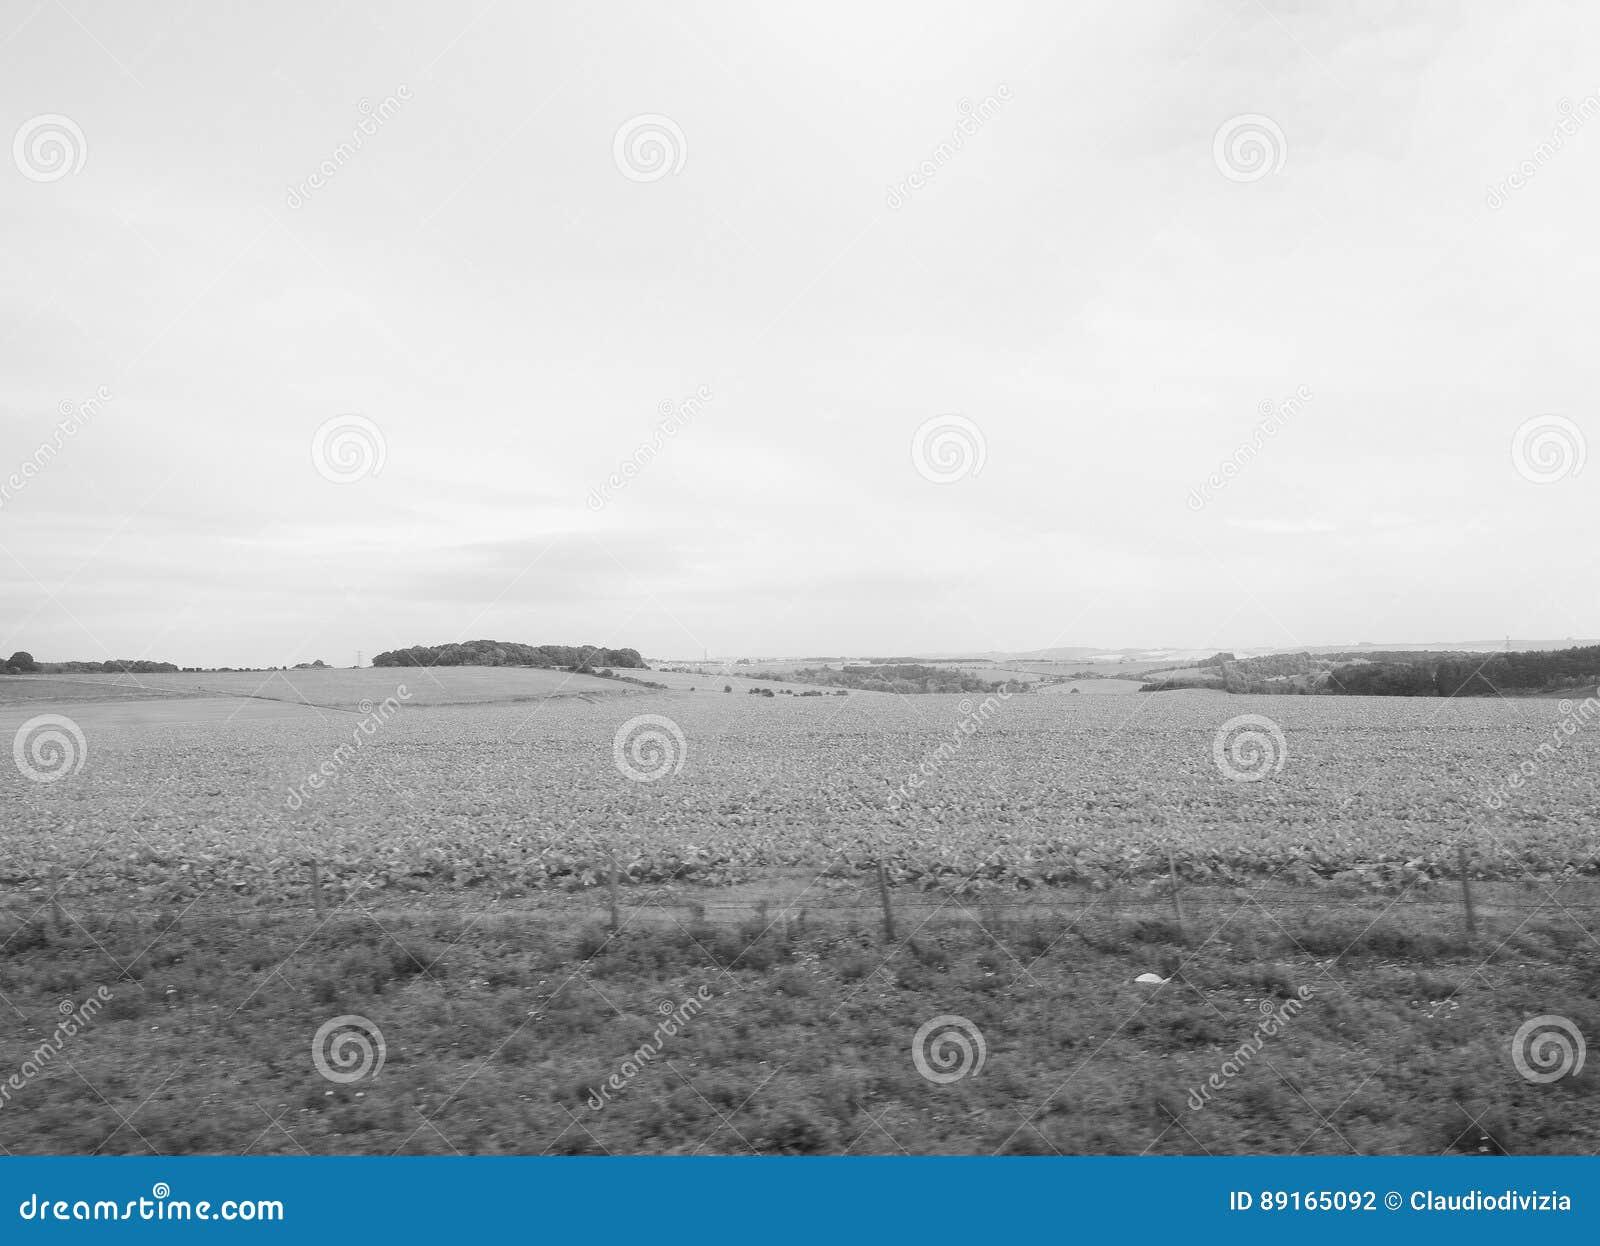 Panorama inglês do país em Salisbúria em preto e branco